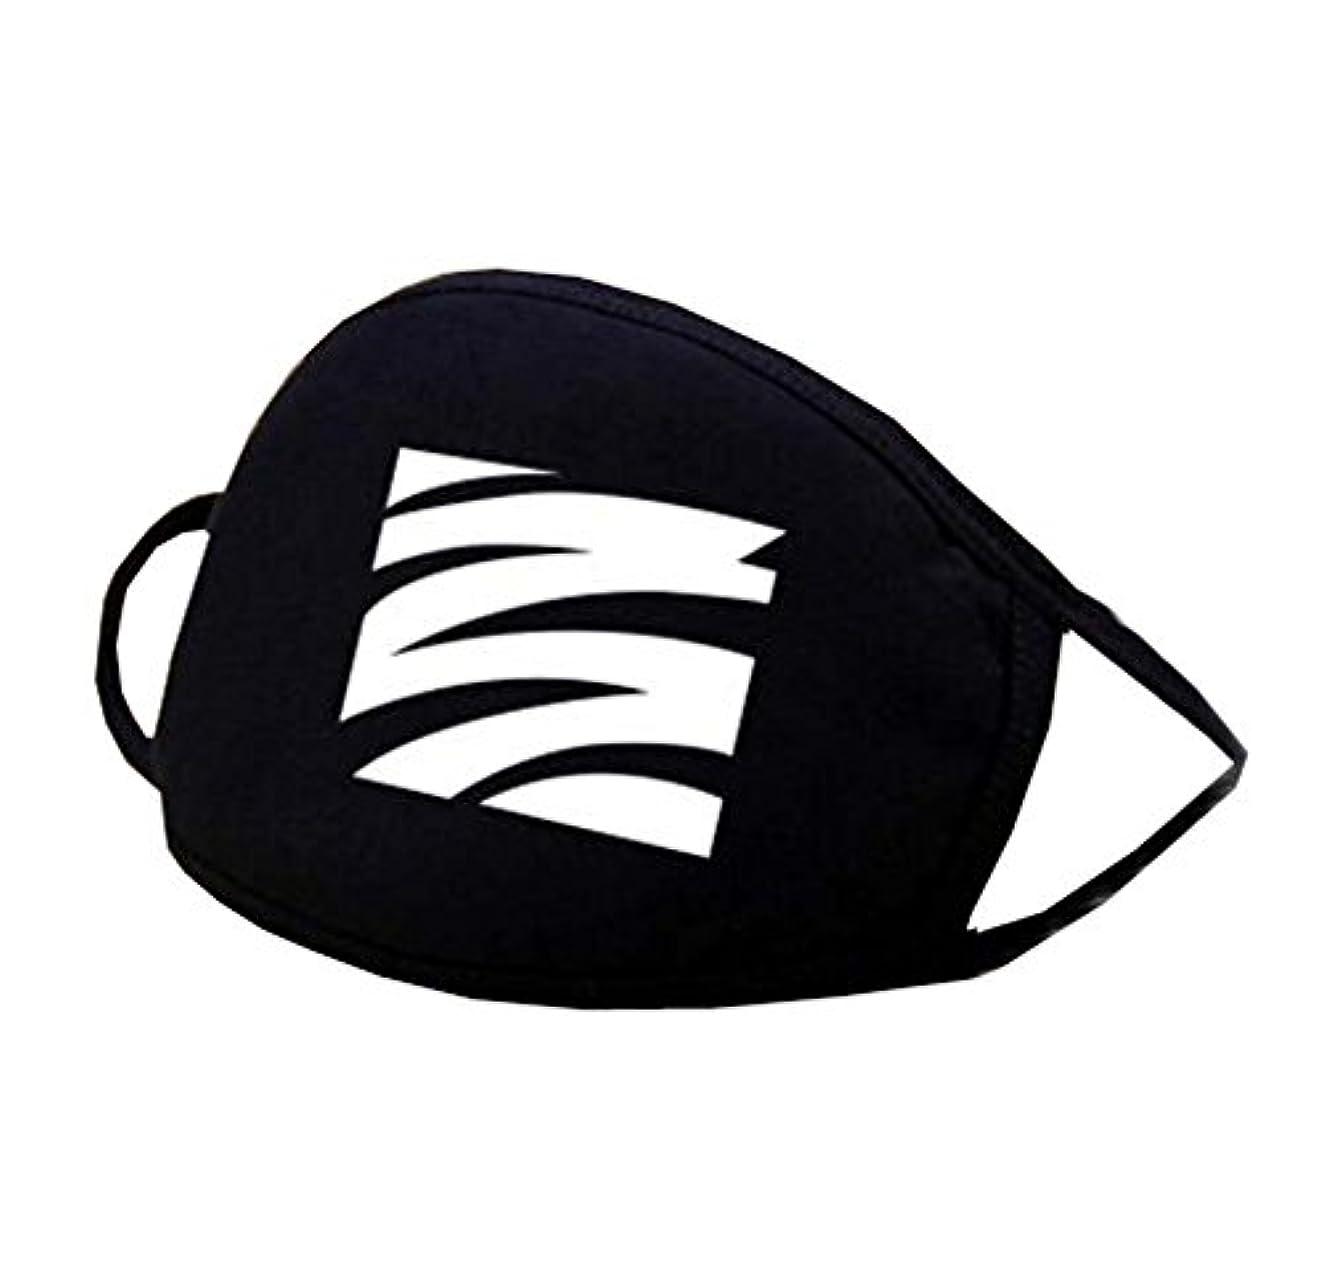 毒液トリクル乱す男女兼用ブラックコットンフェイス口マスク再使用可能防塵抗菌マスク - K